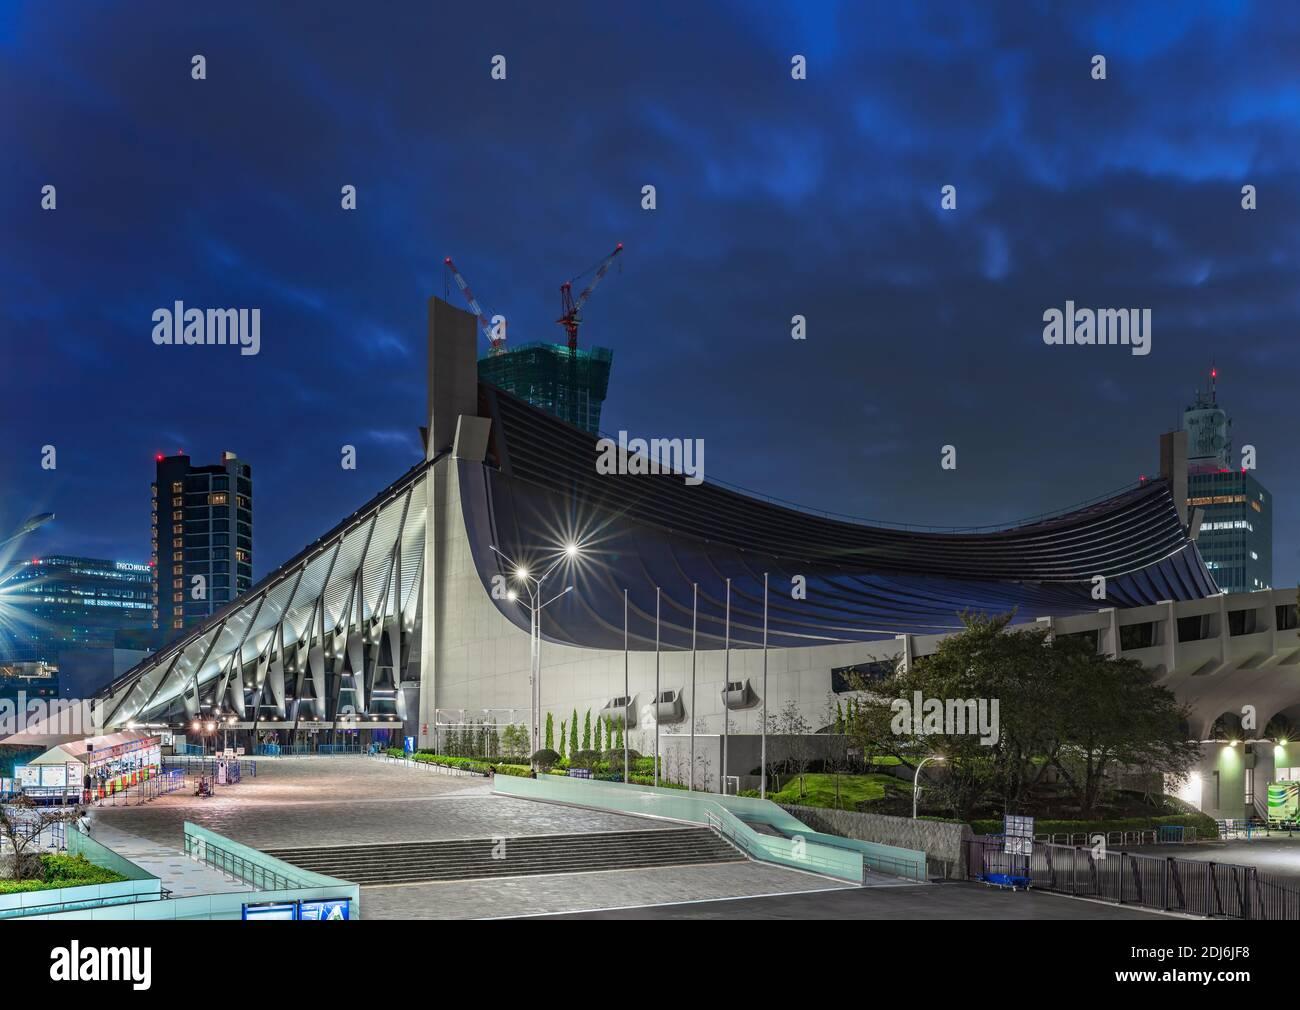 tokio, japón - noviembre de 02 2019: Vista nocturna del gimnasio nacional Yoyogi diseñado por Kenzo Tange en el parque Yoyogi donde se celebraron los Juegos Olímpicos de 1964 Foto de stock